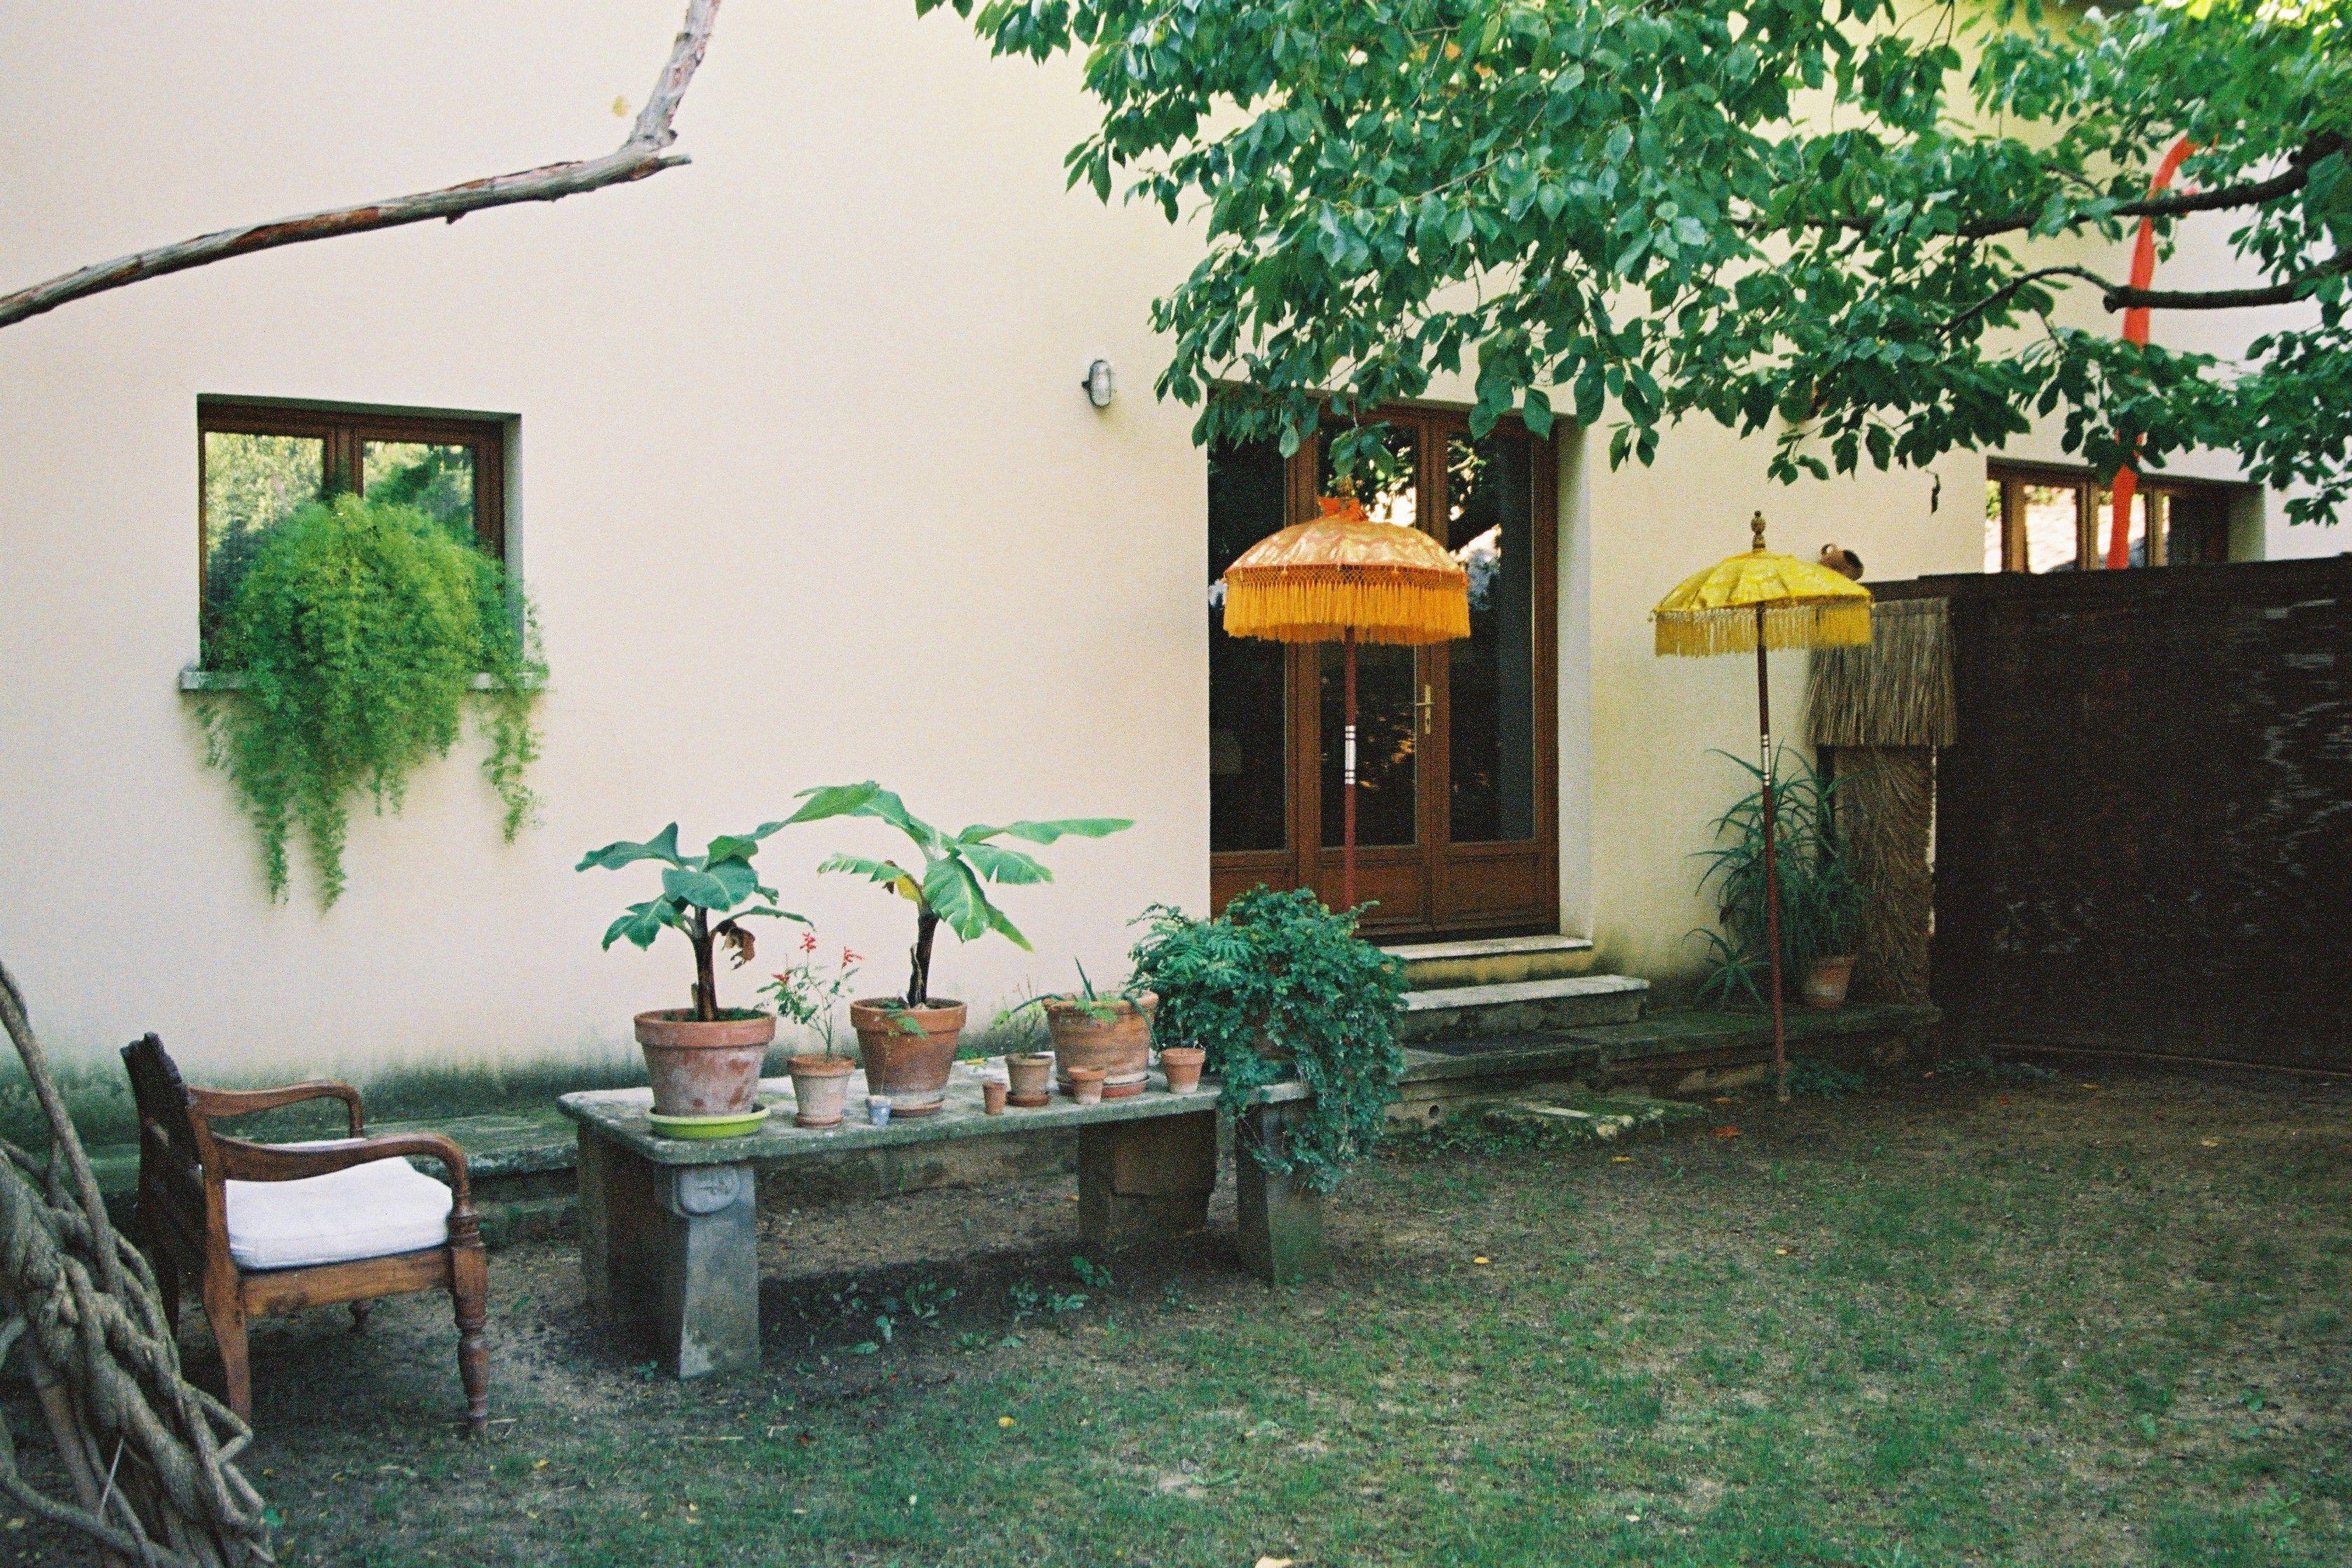 Vu des chambres d 39 hotes pas cher dans un jardin uz s - Chambre d hotes biarritz pas cher ...